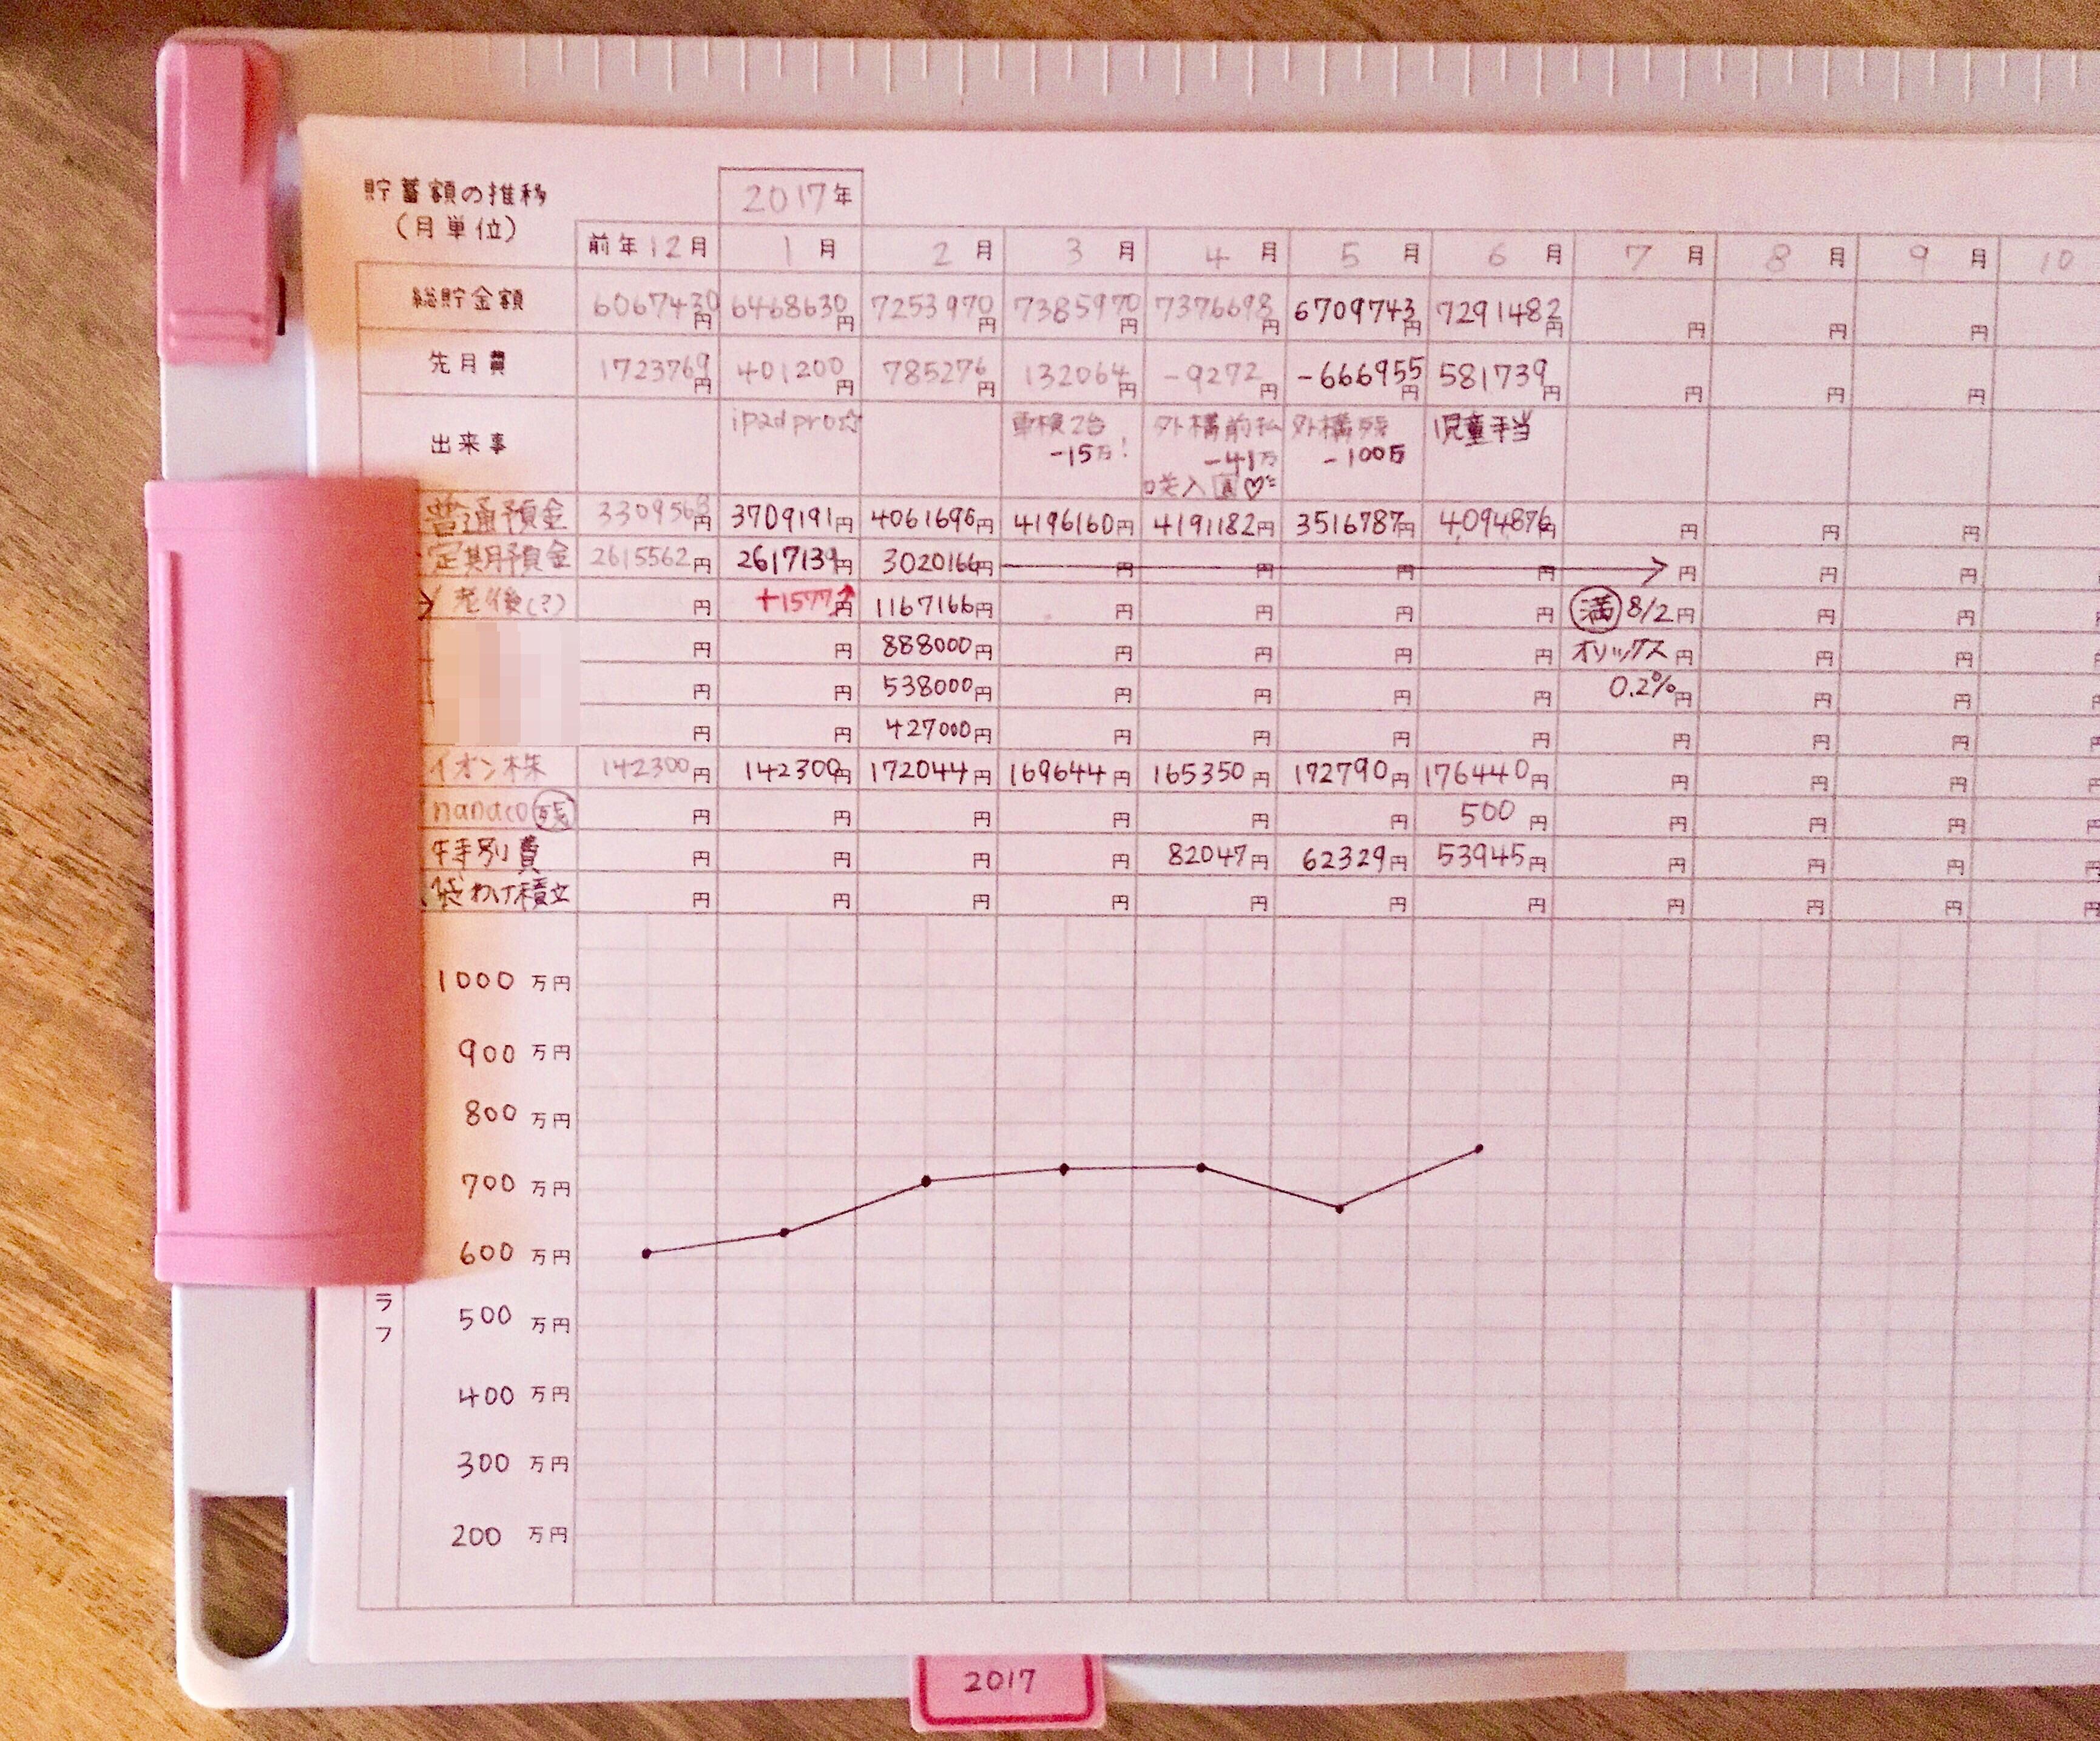 2017年6月我が家の家計簿公開☆モチベーション必須の家計管理は続かない